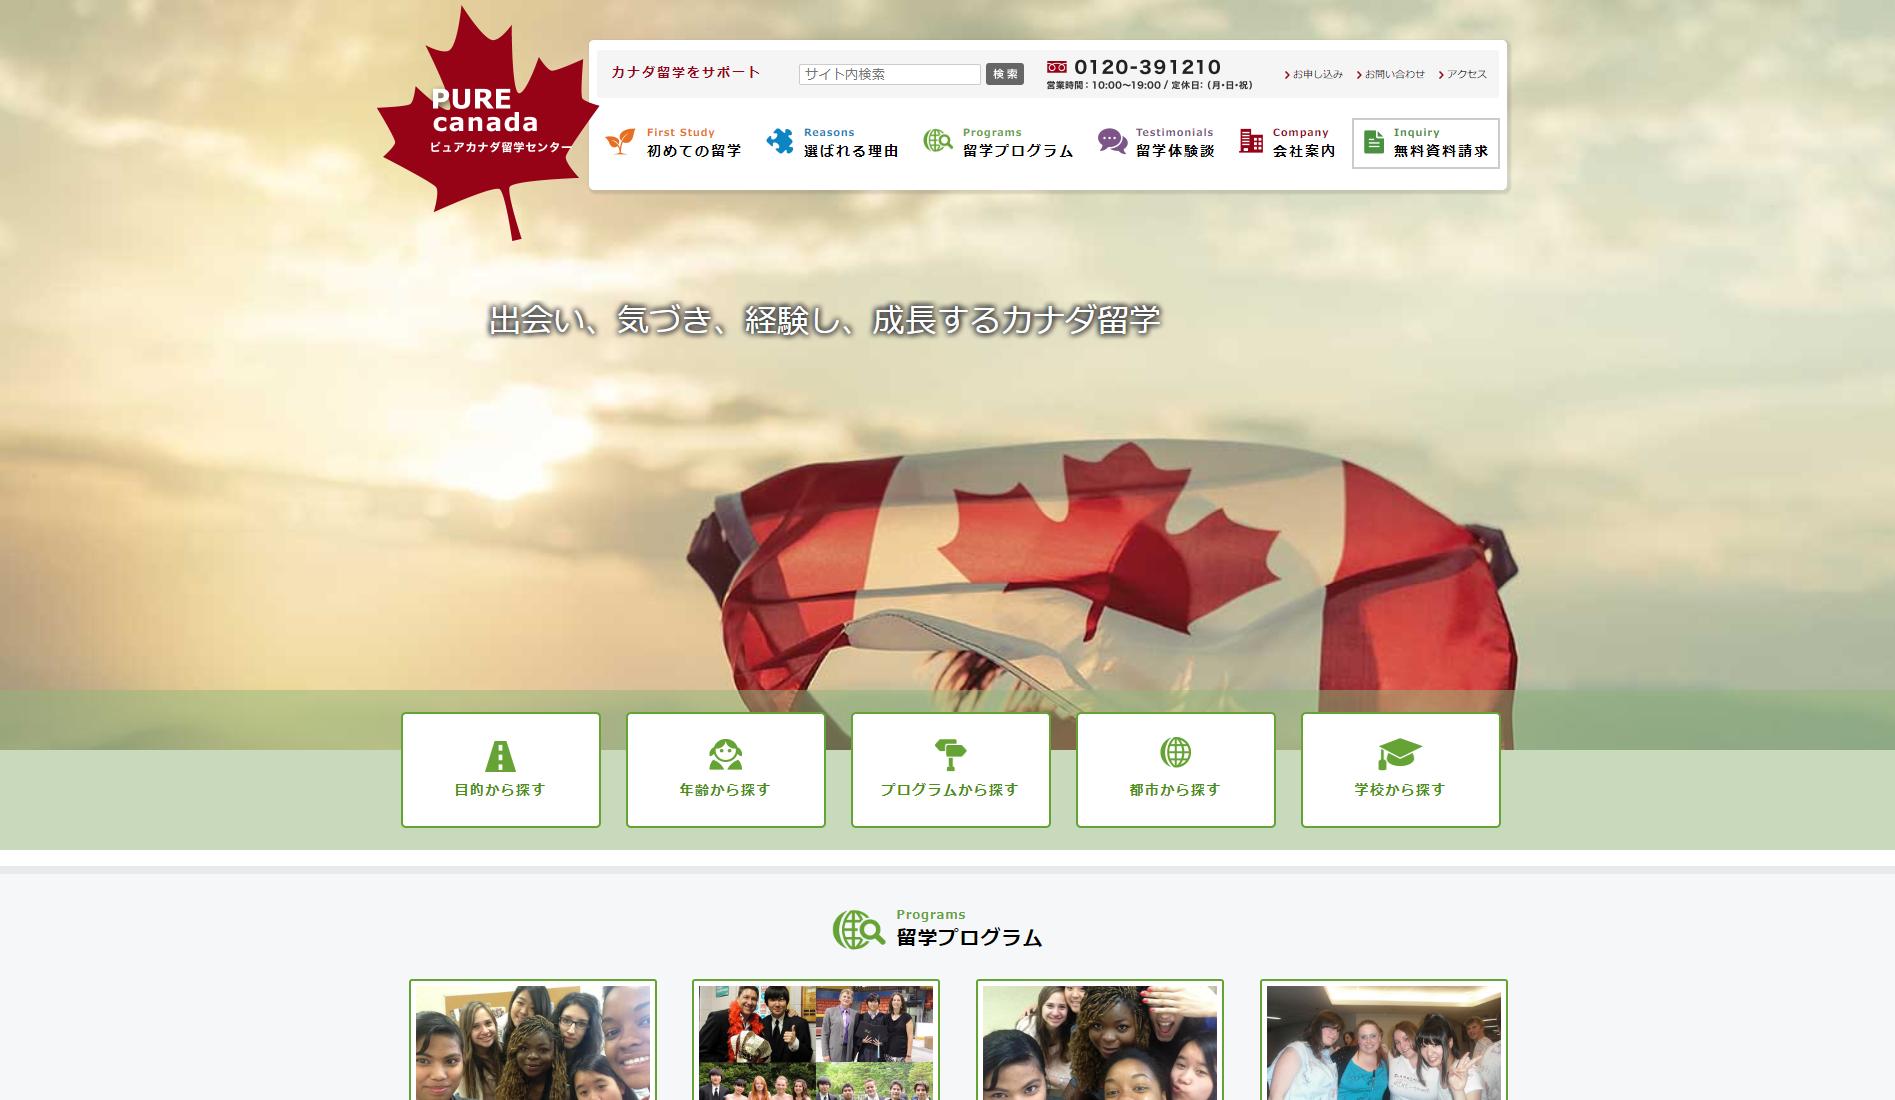 カナダ留学のピュアカナダ